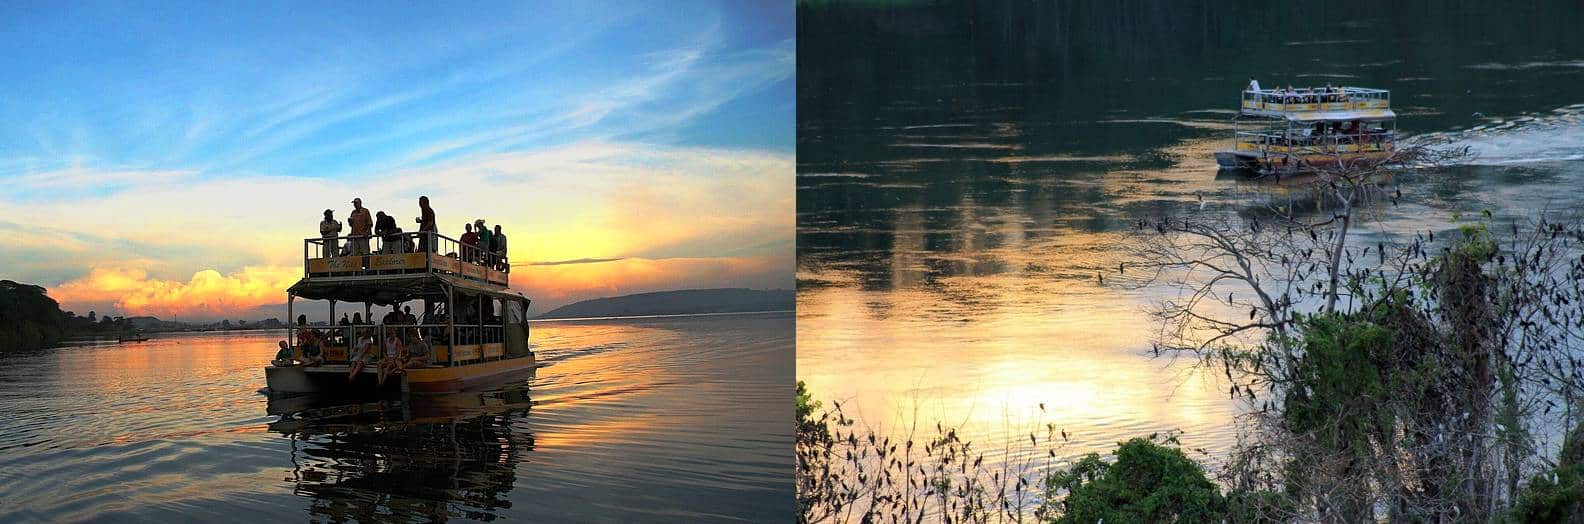 Sunset Cruises On The Nile